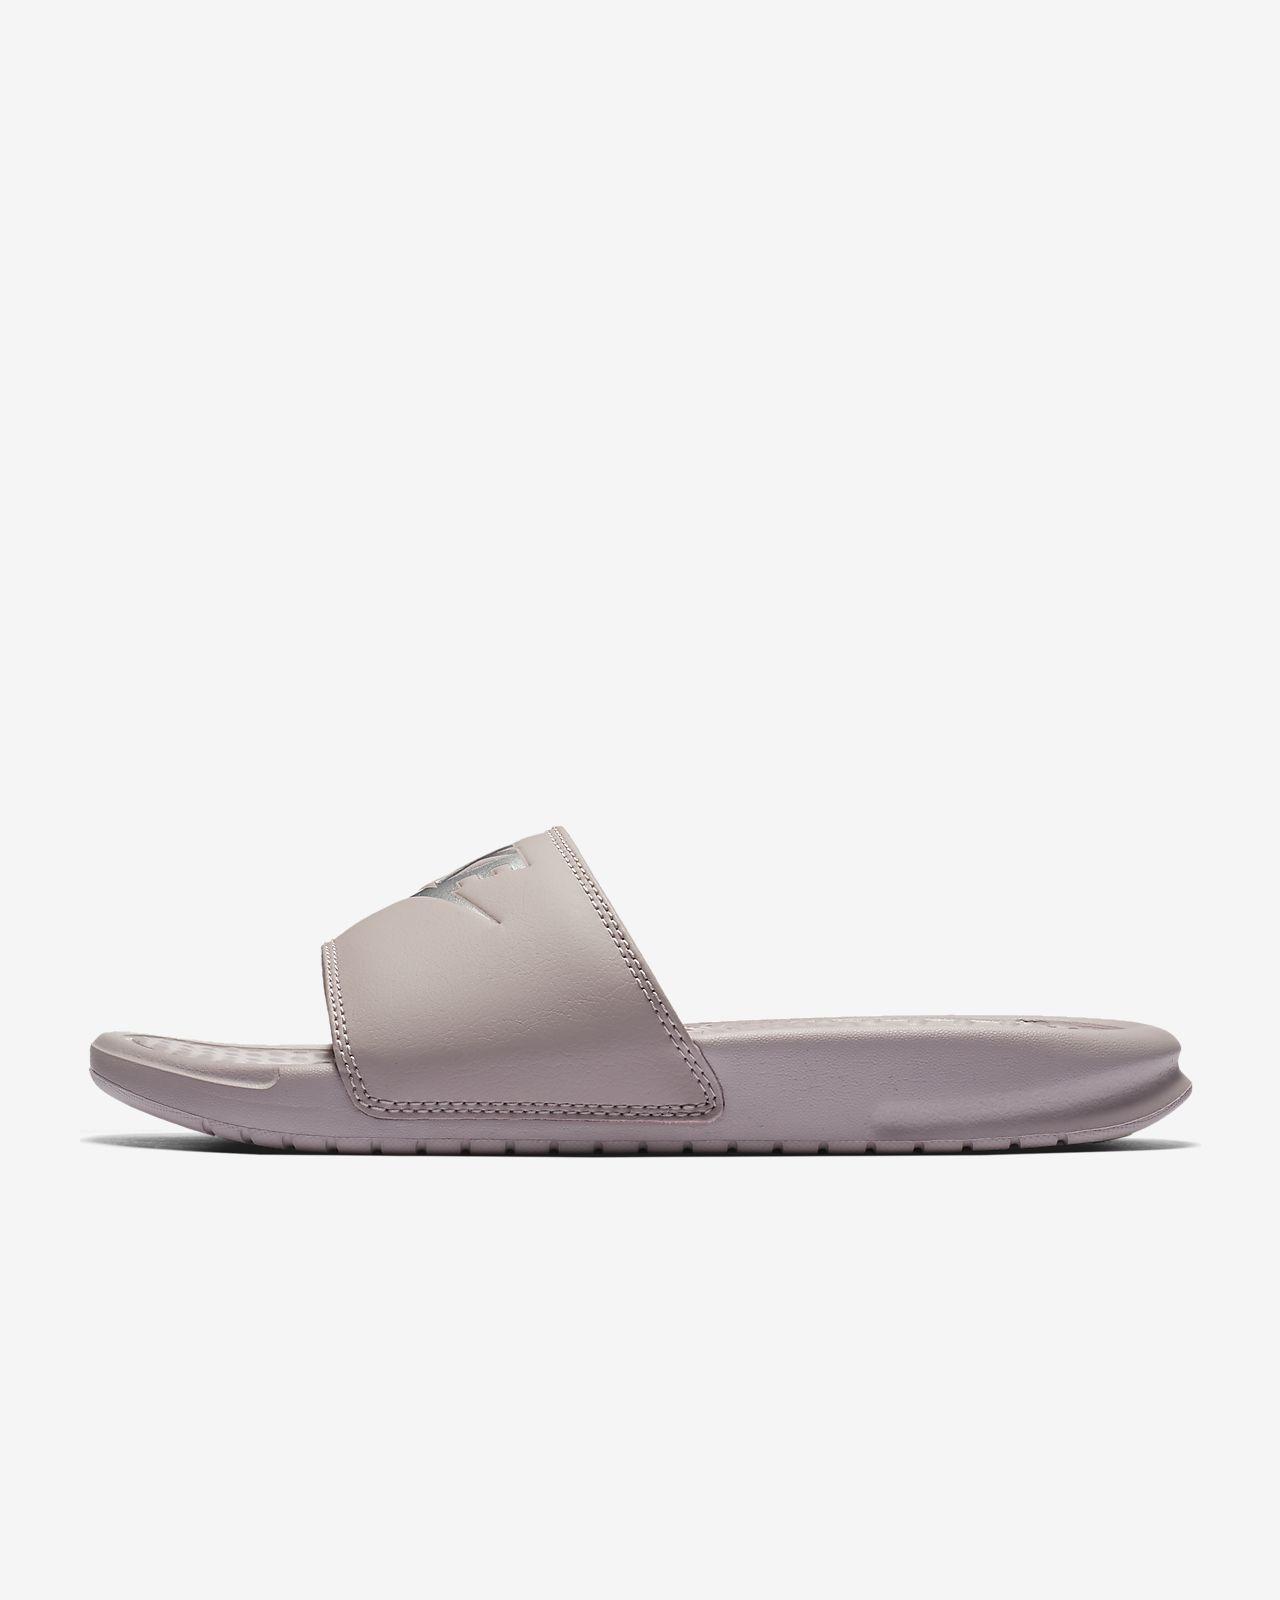 timeless design 0a6df 3e2b1 ... Claquette Nike Benassi pour Femme